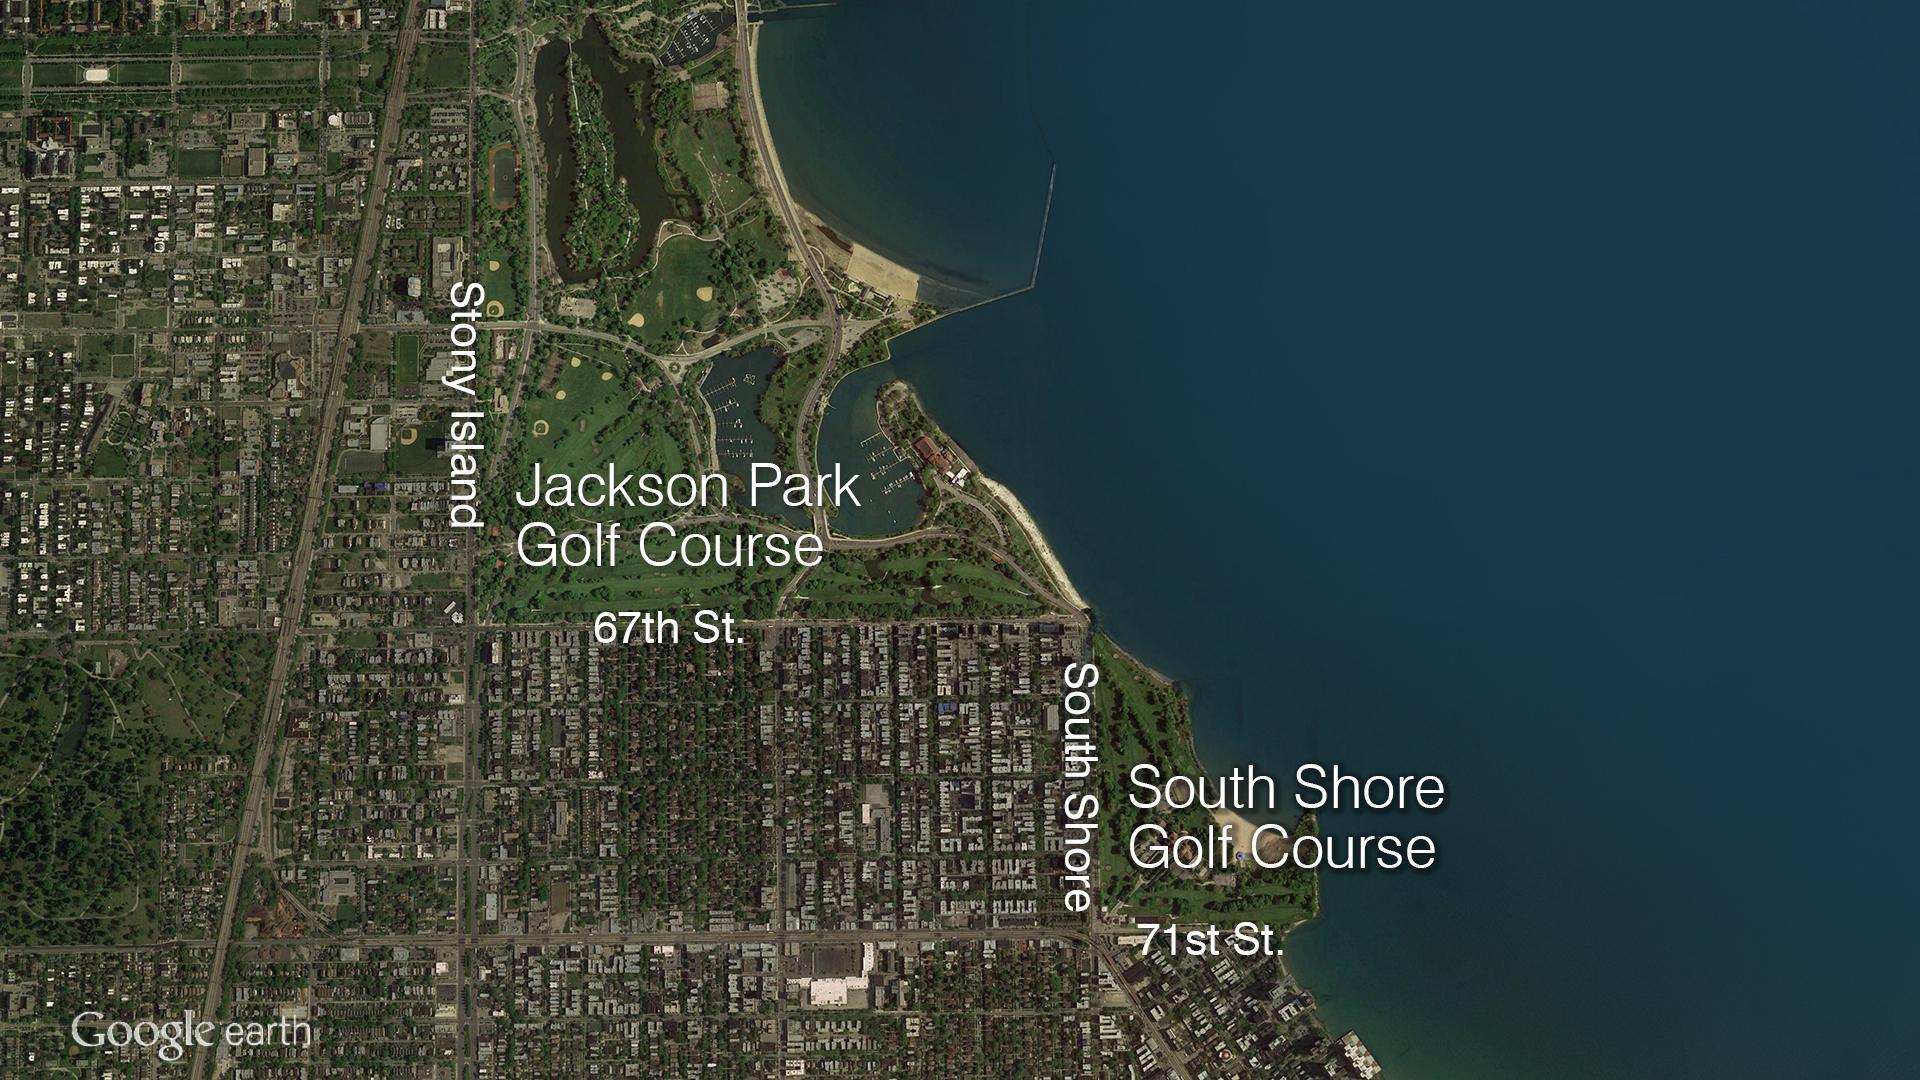 Tiger Woods Designed Golf Course In Jackson Park Gets